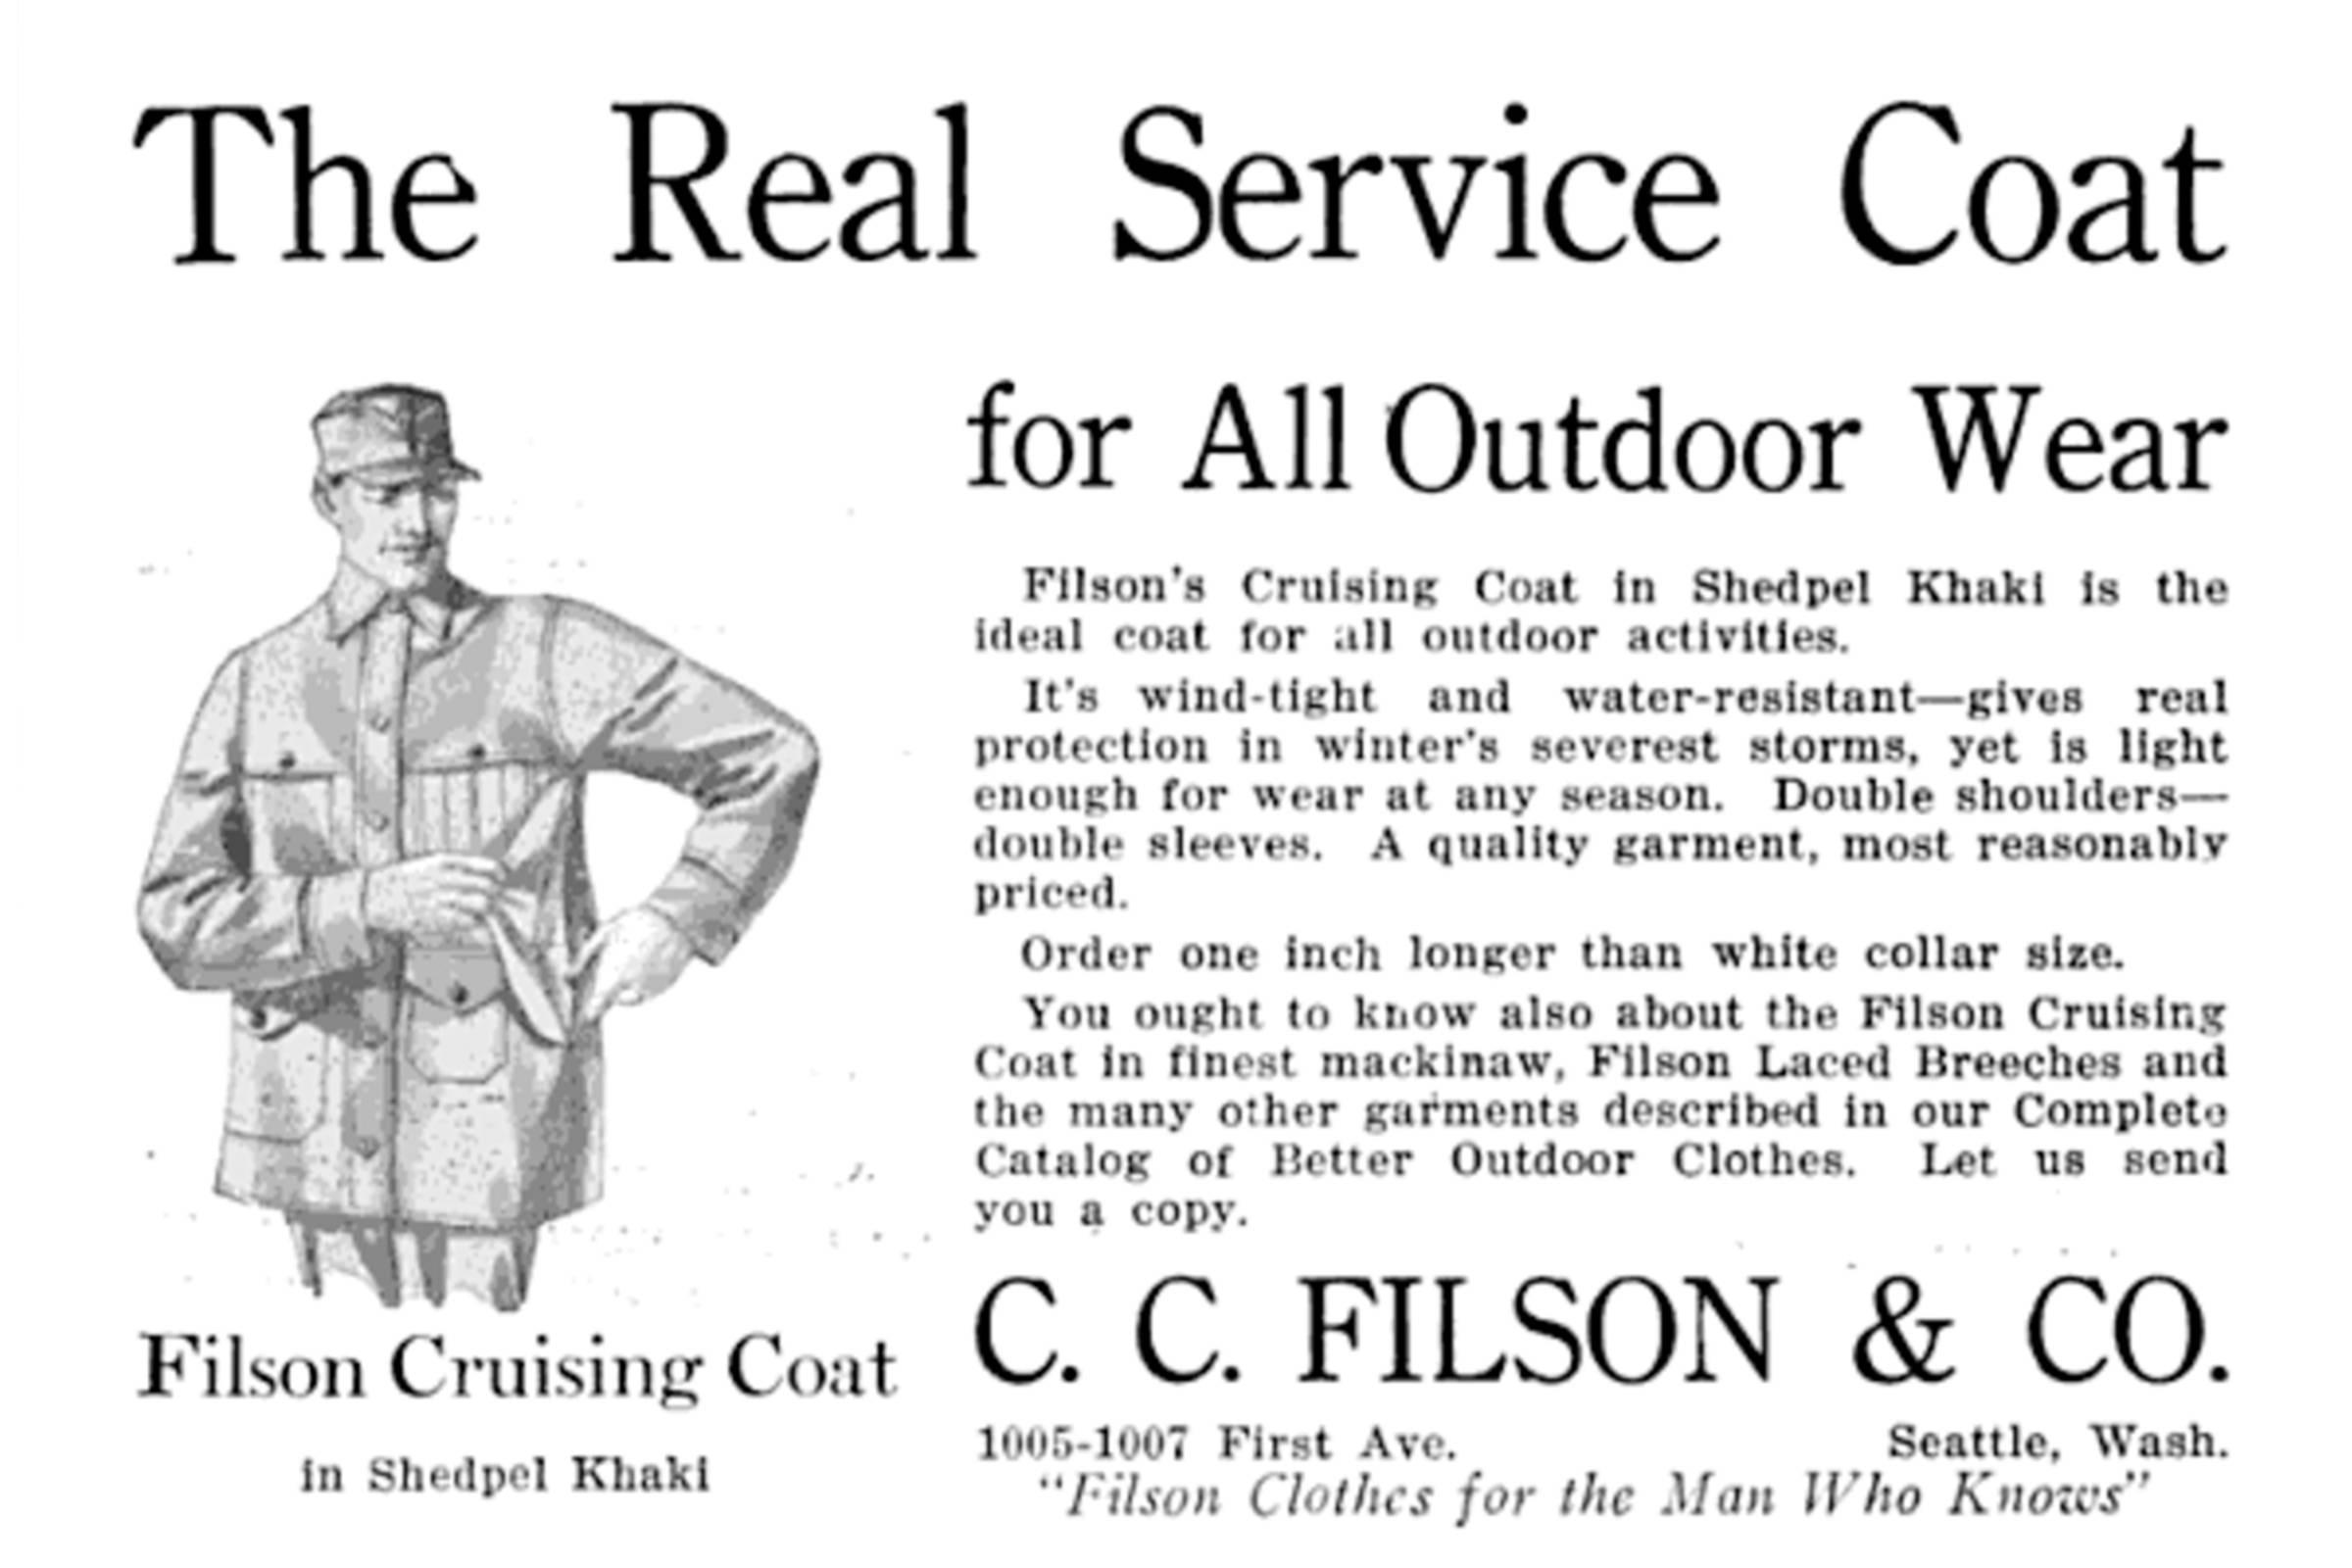 Original advertisement for Filson Cruising Coat, c. 1915